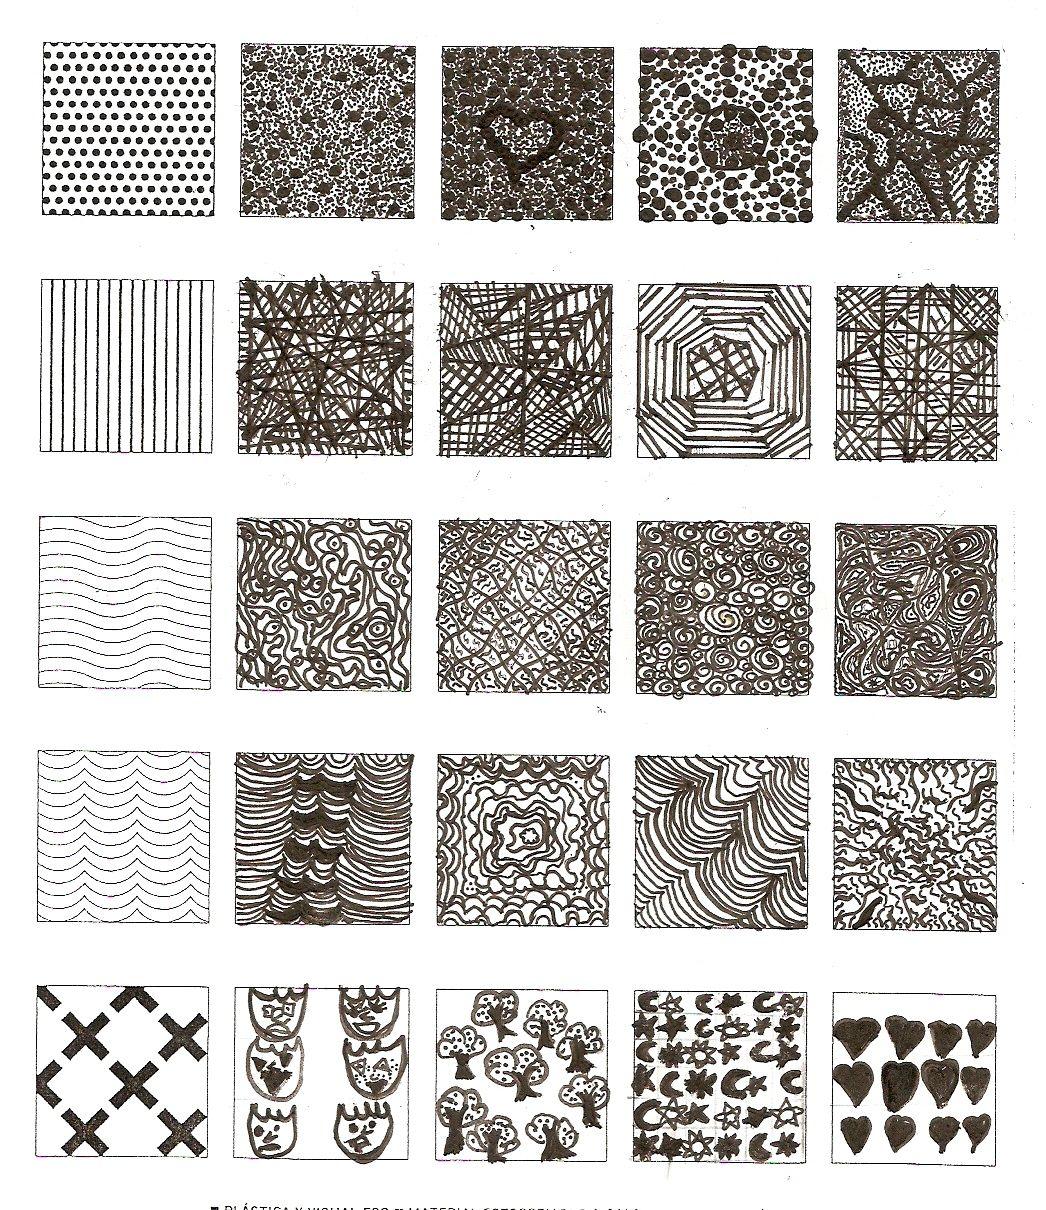 Creacion Texturas Graficas 1º Eso Texturas Texturas Visuales Texturas Dibujo